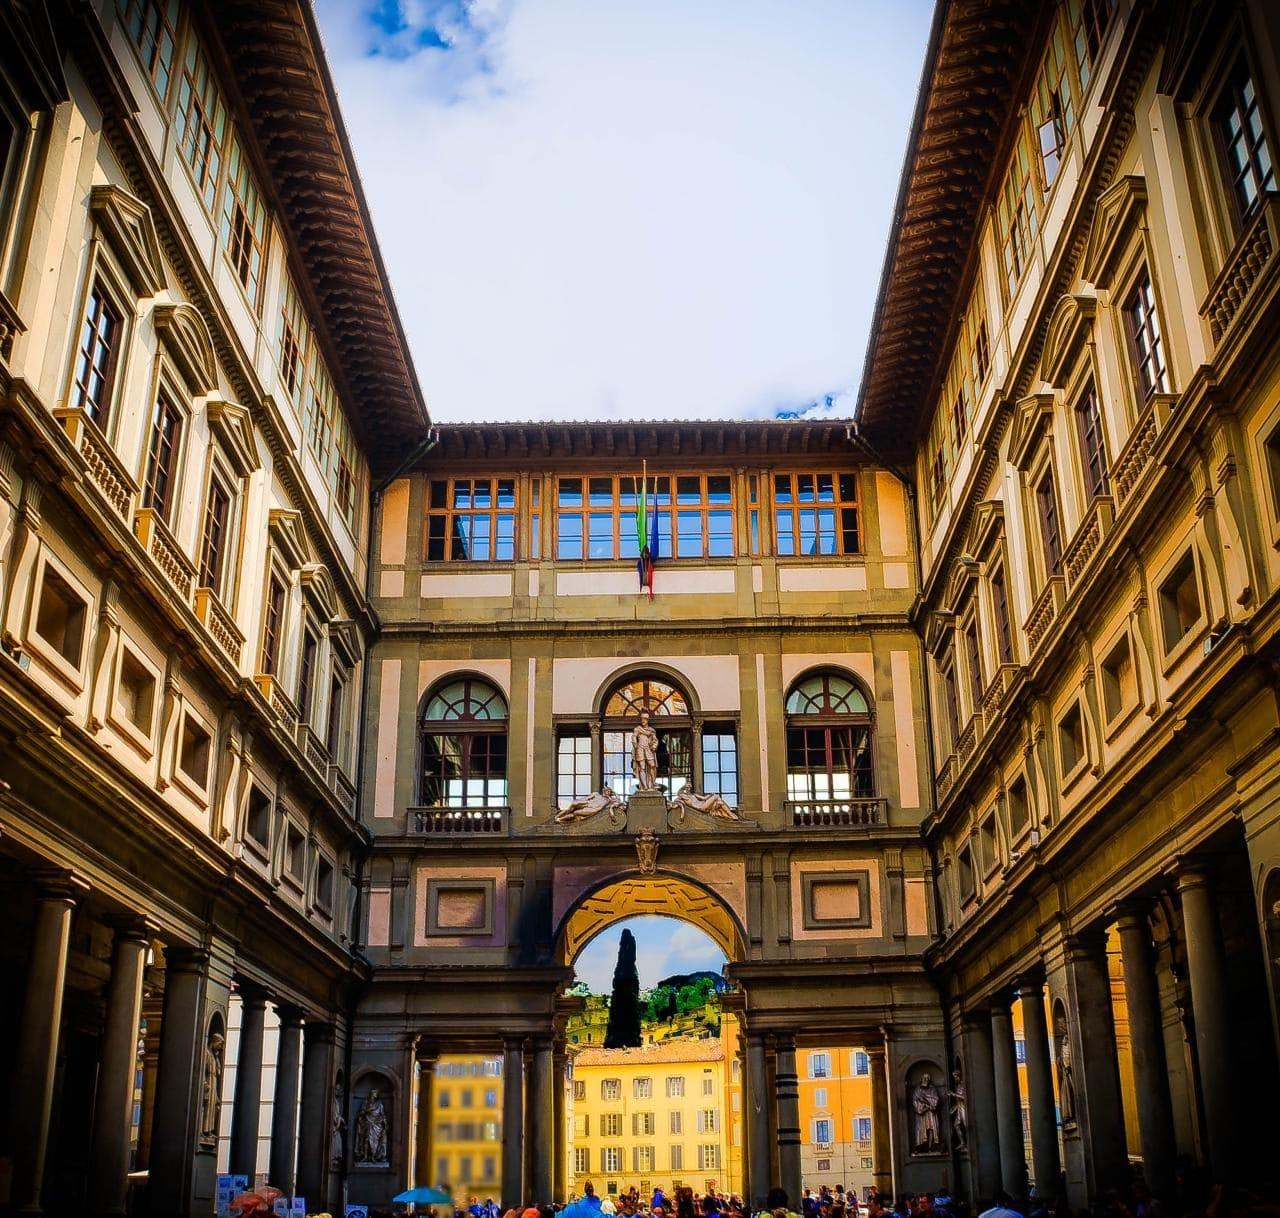 이탈리아 여행, 피렌체 우피치미술관, Galleria degli Uffizi, Piazzale degli Uffizi, Firenze, Italy, Image - Mariamichelle